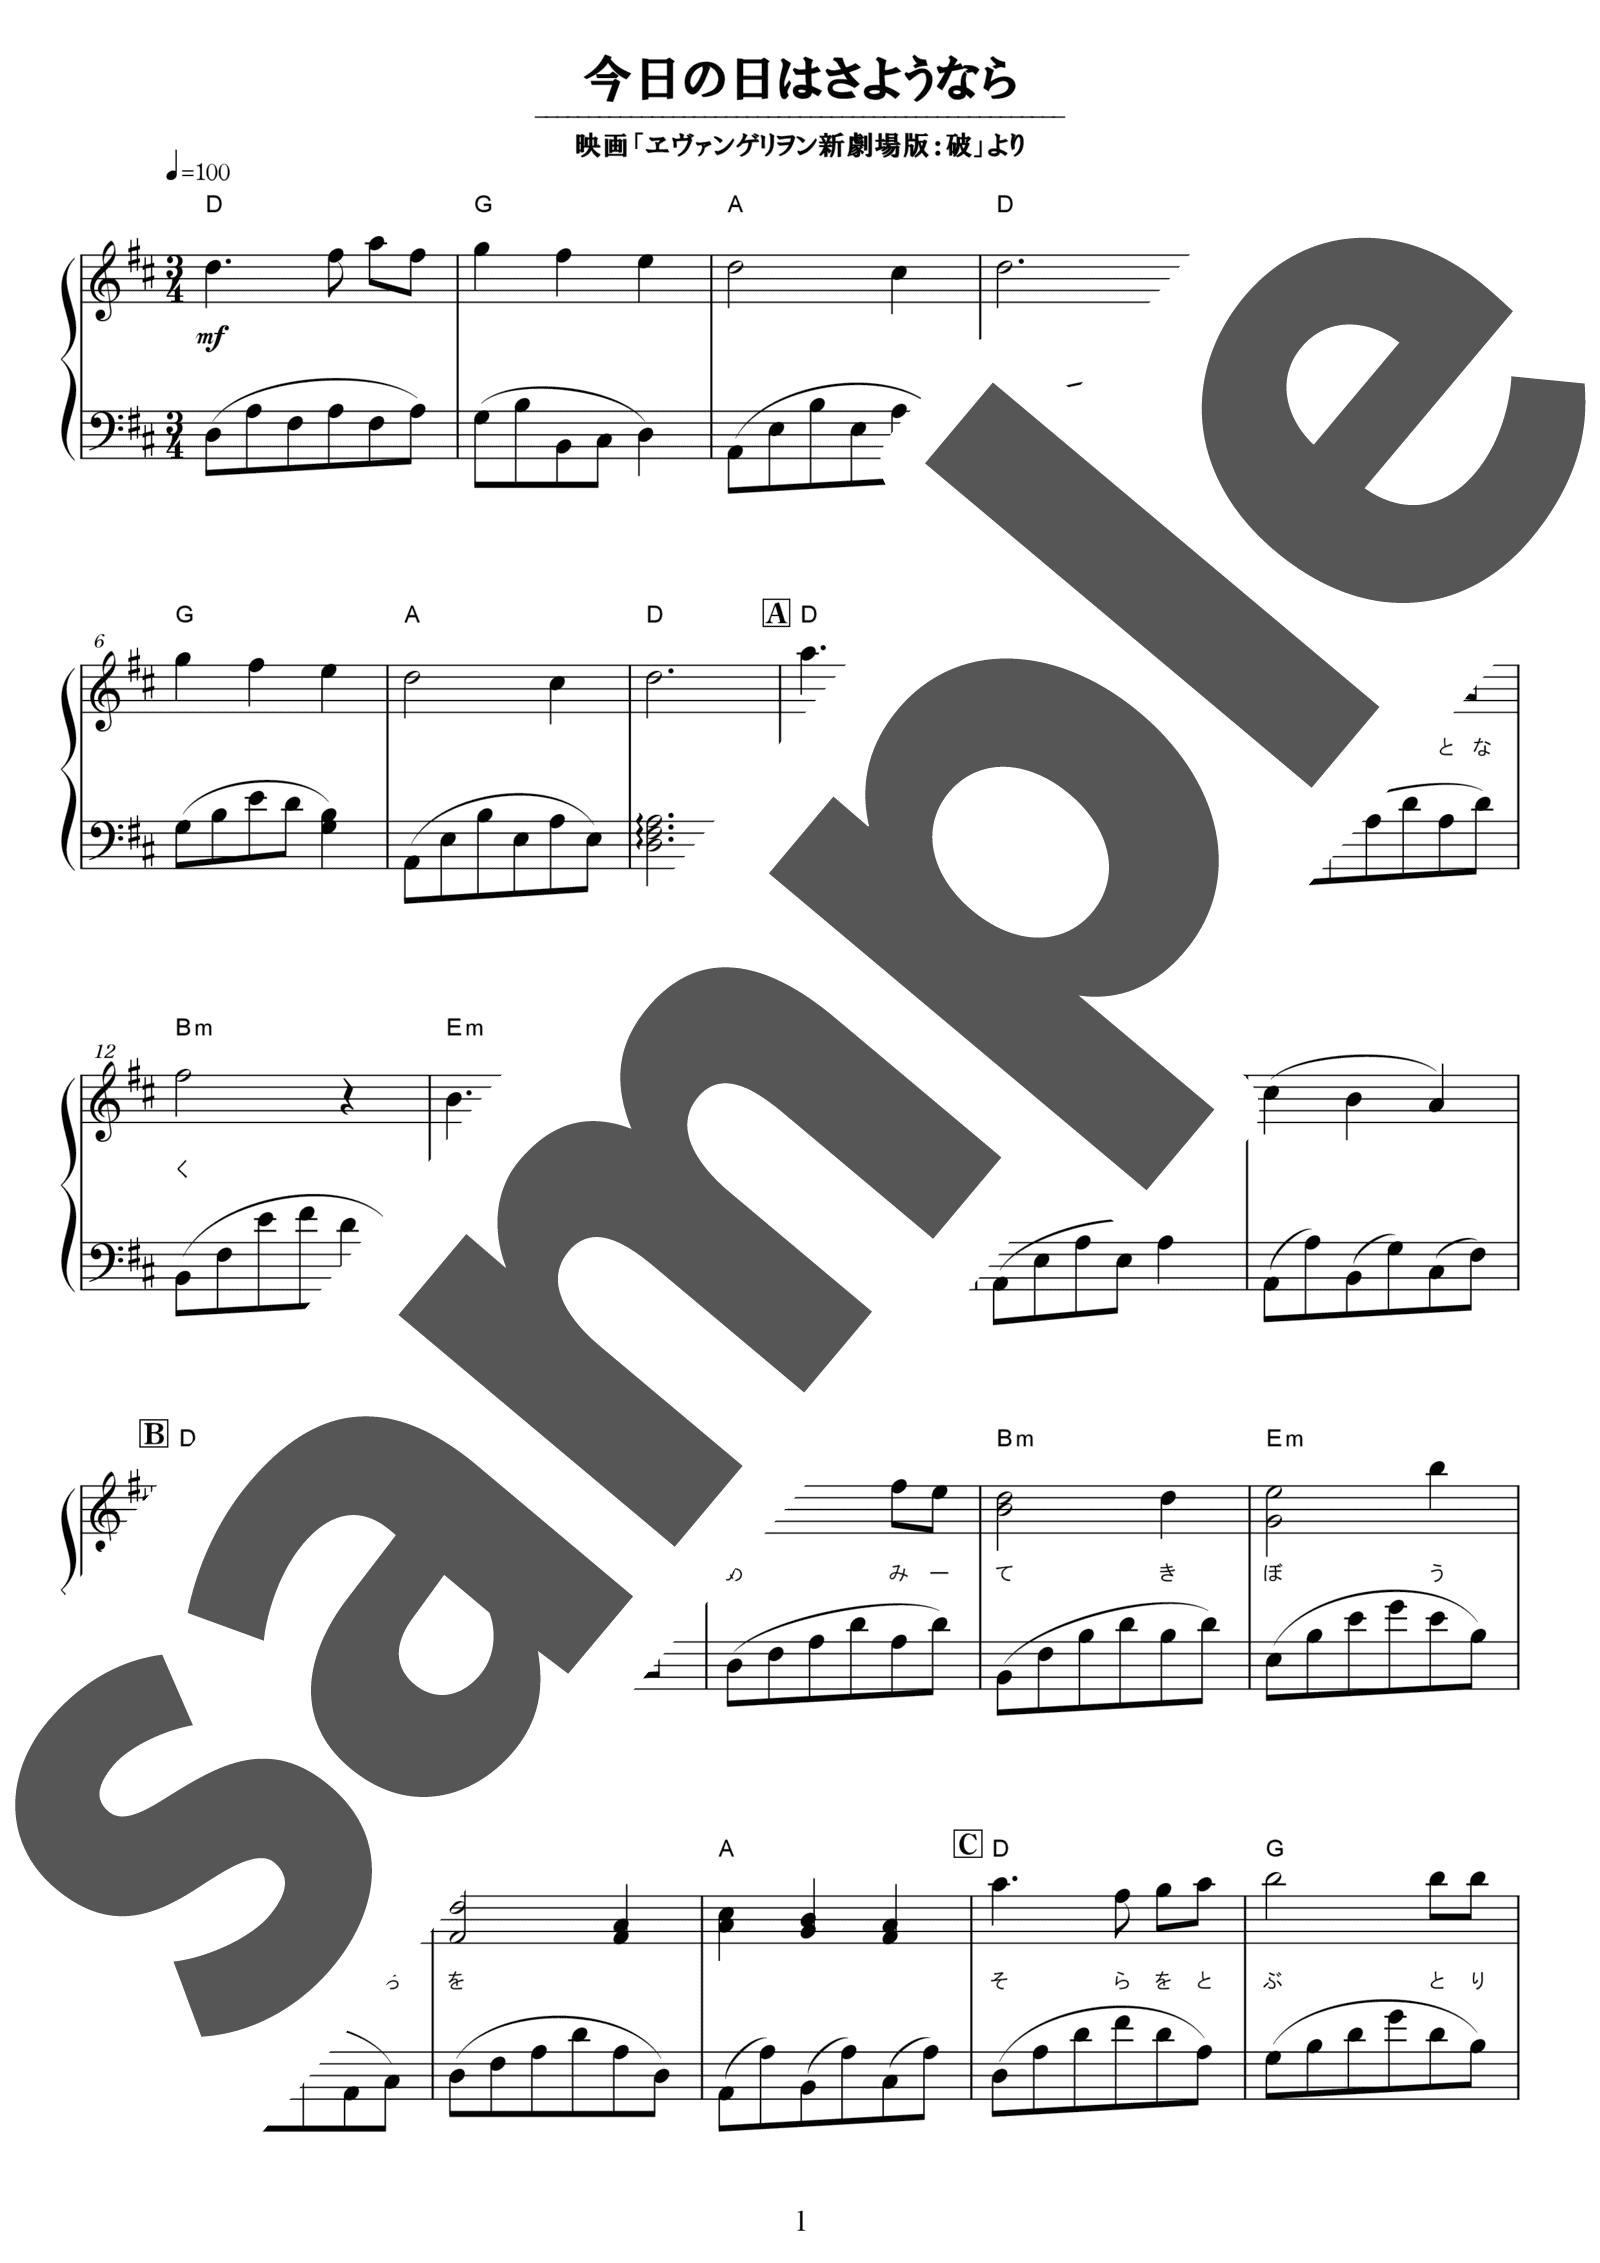 「今日の日はさようなら」のサンプル楽譜